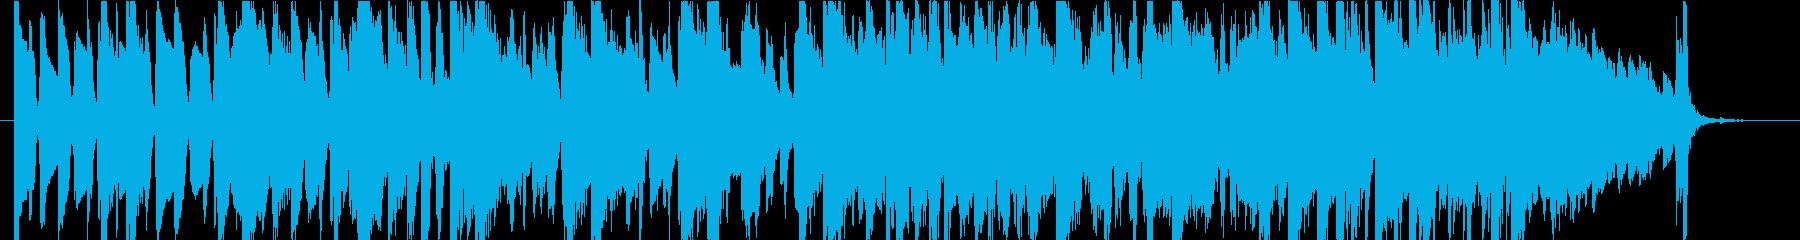 ピアノトリオの速いテンポのスイングジャズの再生済みの波形